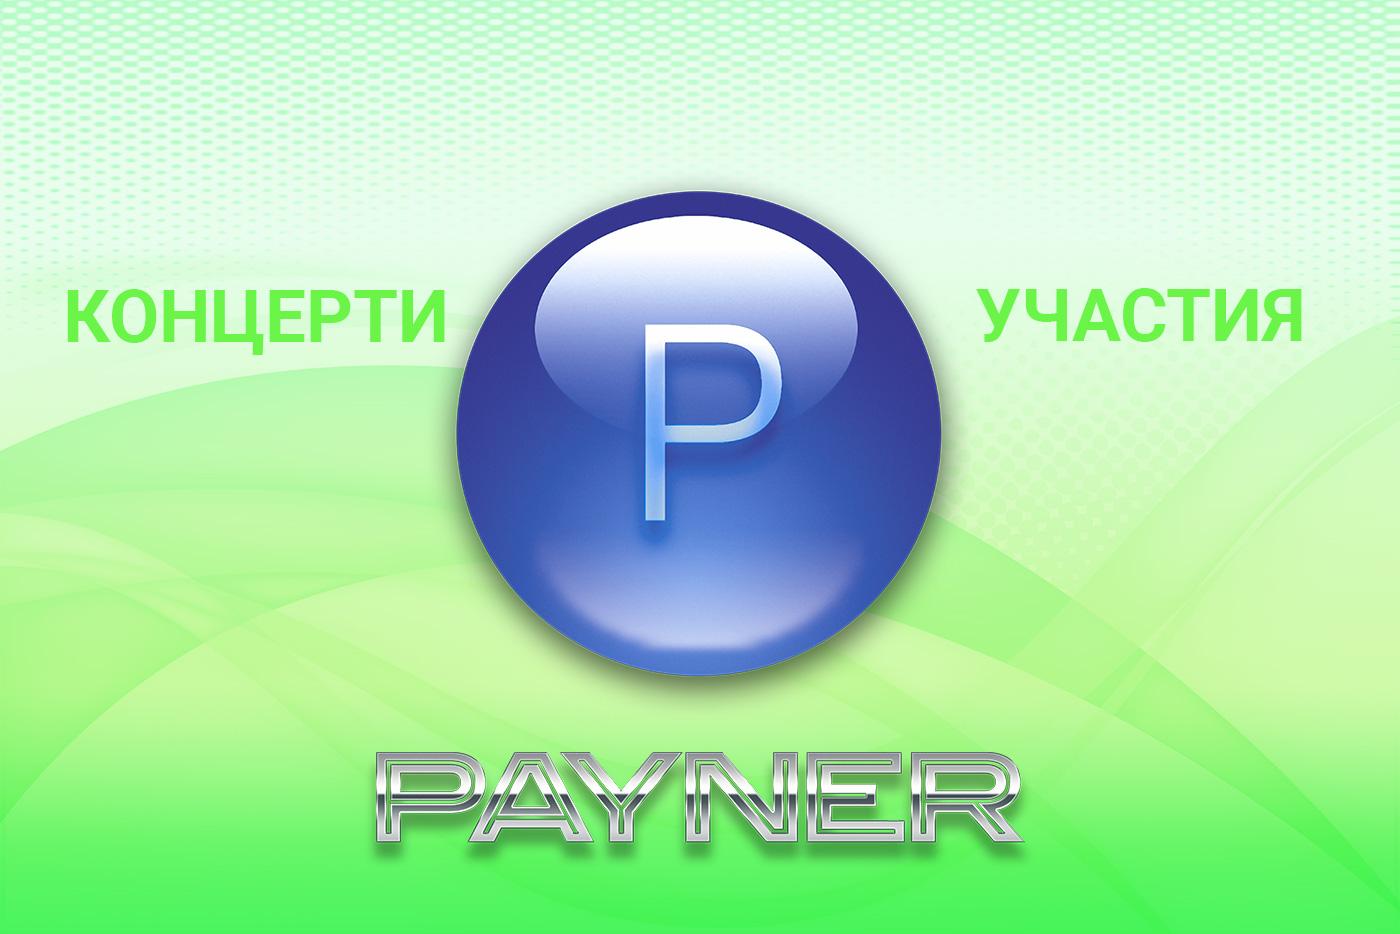 """Участия на звездите на """"Пайнер"""" на 27.06.2019"""